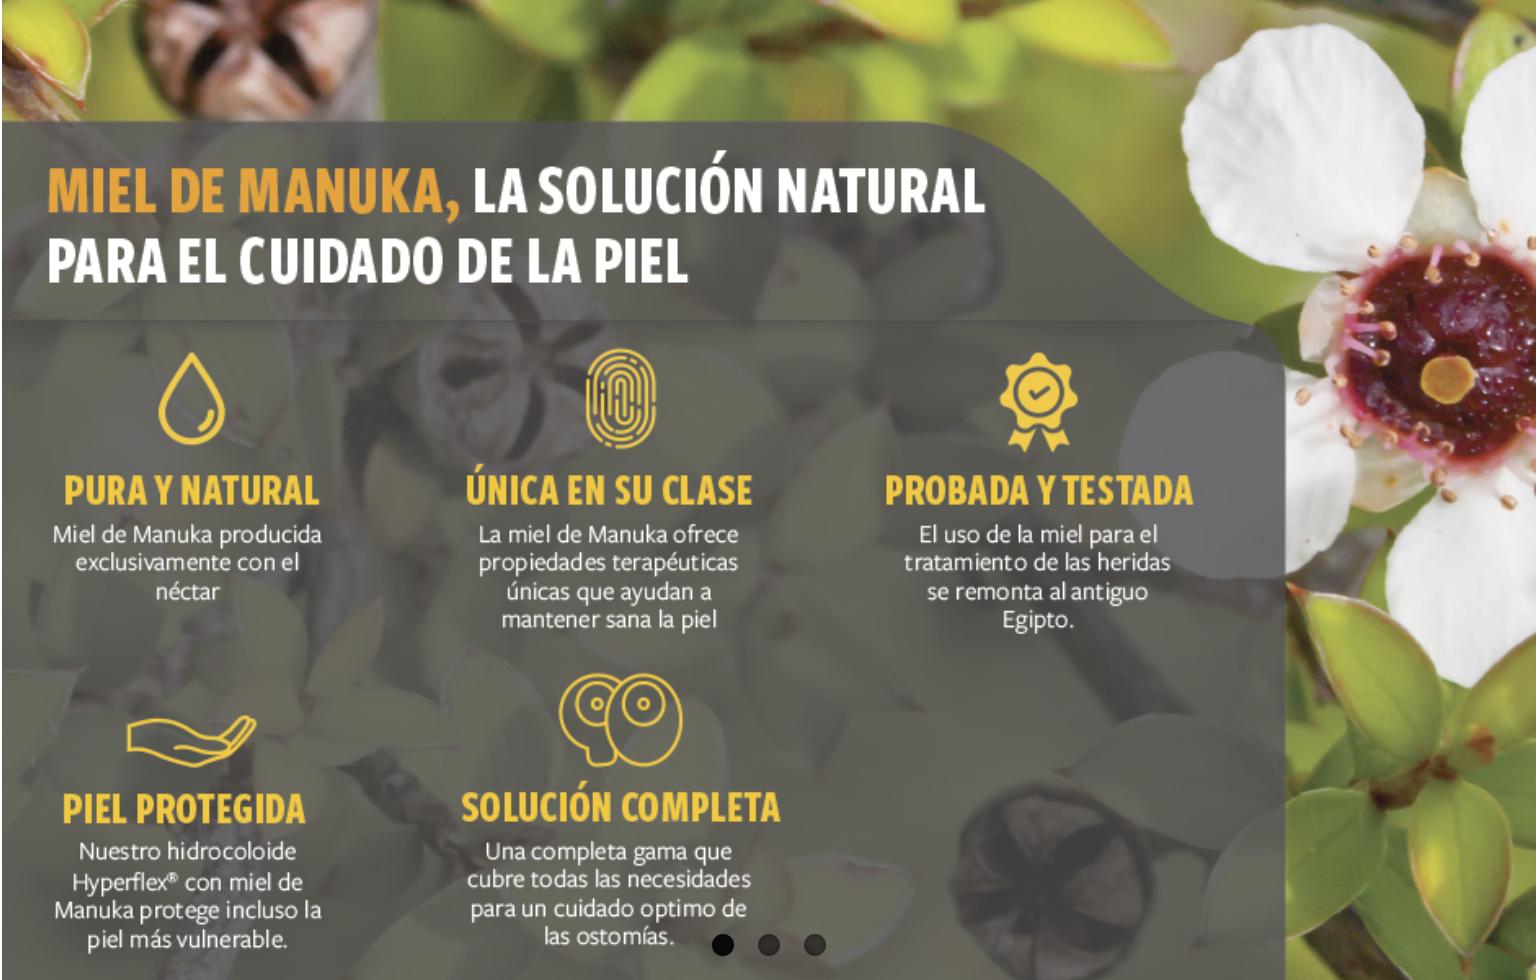 La solución natural para el cuidado de la piel periestomal